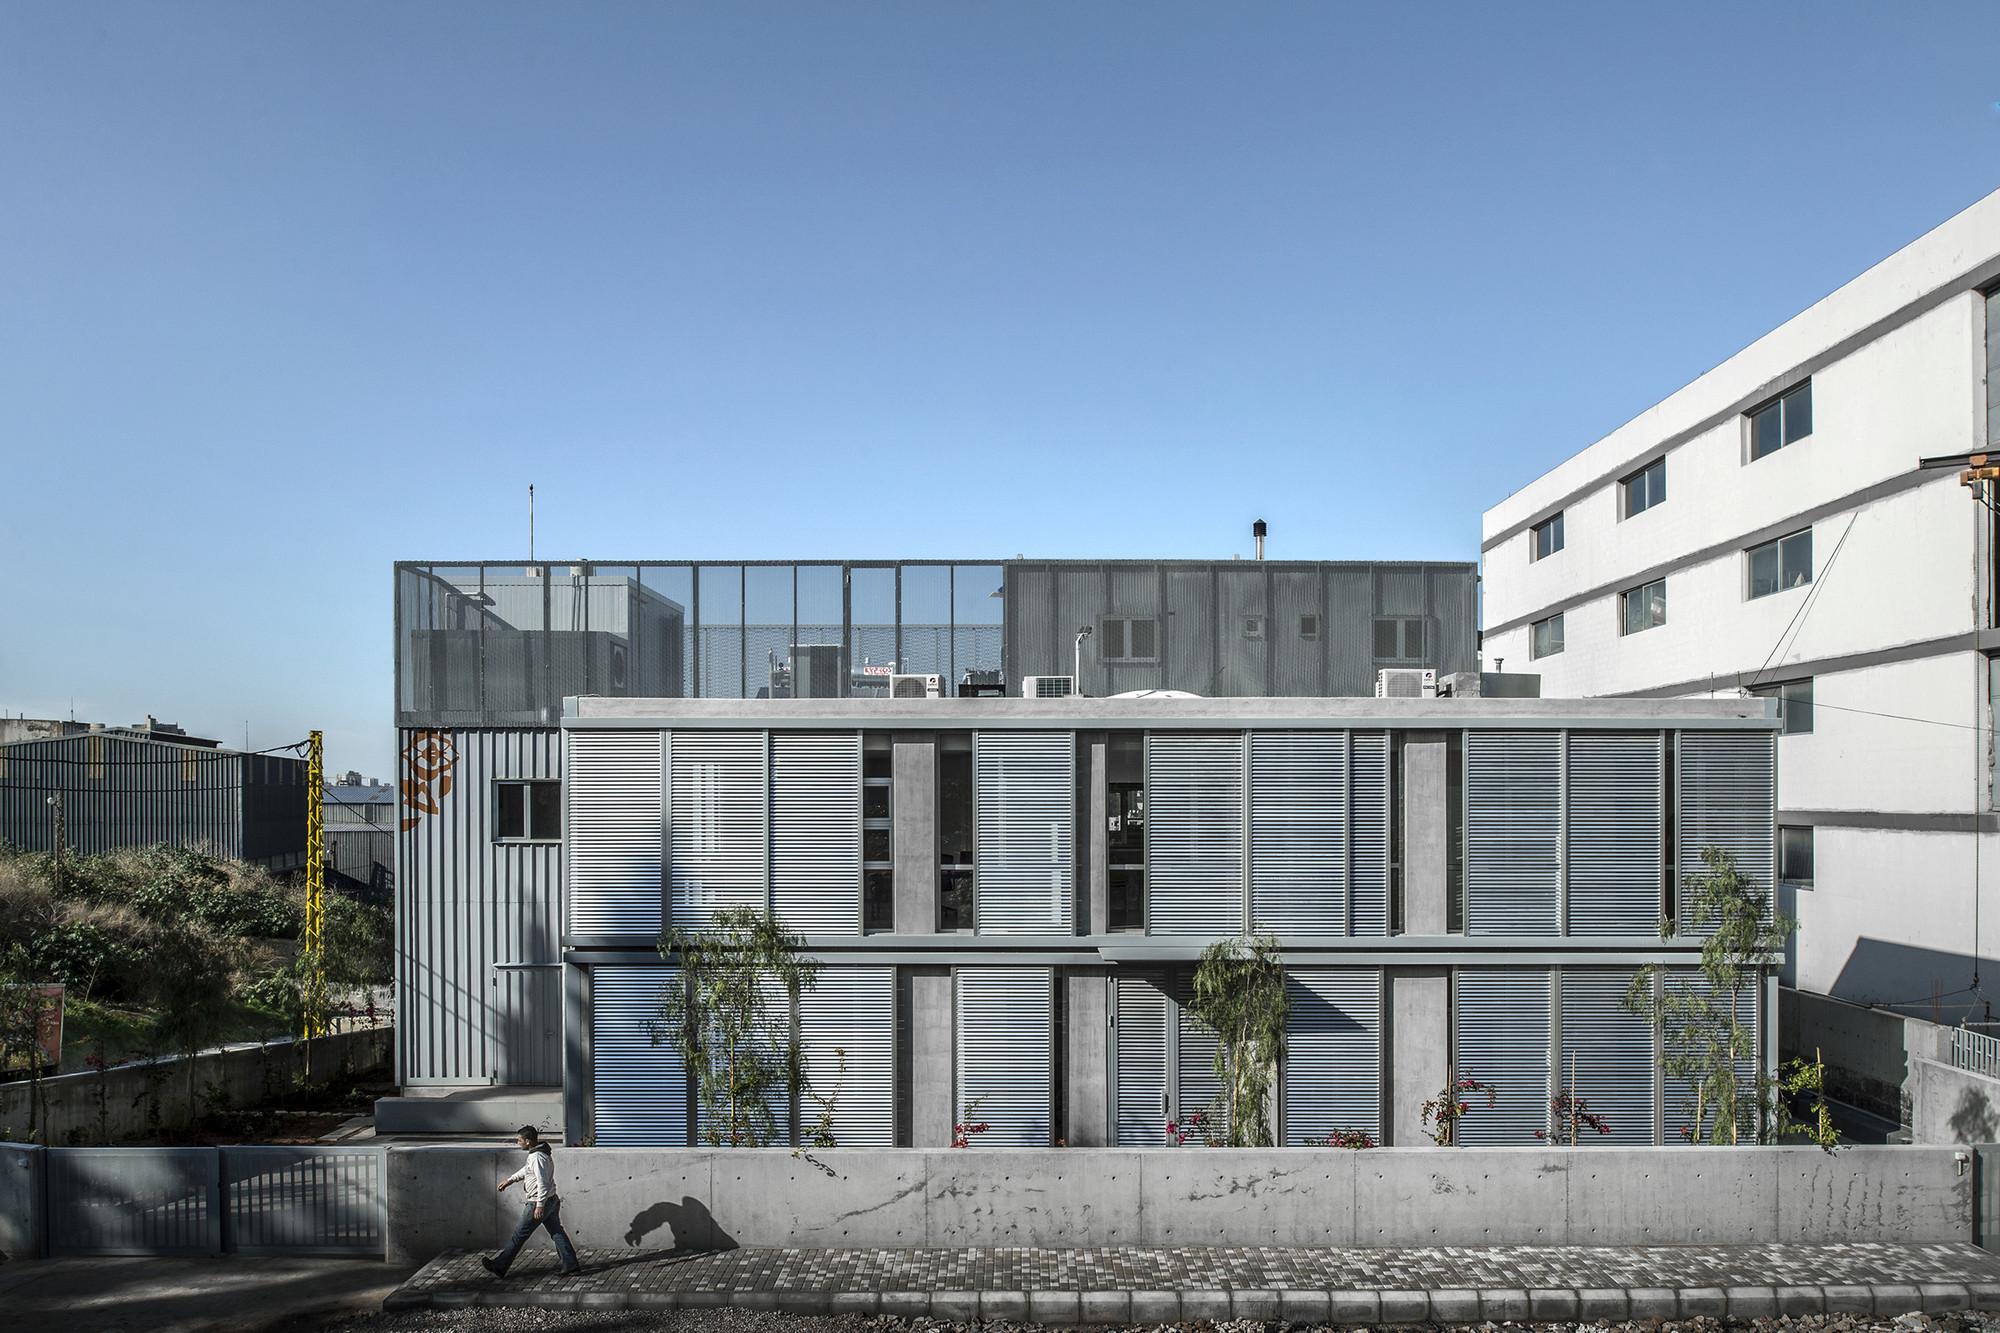 Oficinas Centrales Senteurs d'Orient / Atelier130, © Ieva Saudargaité